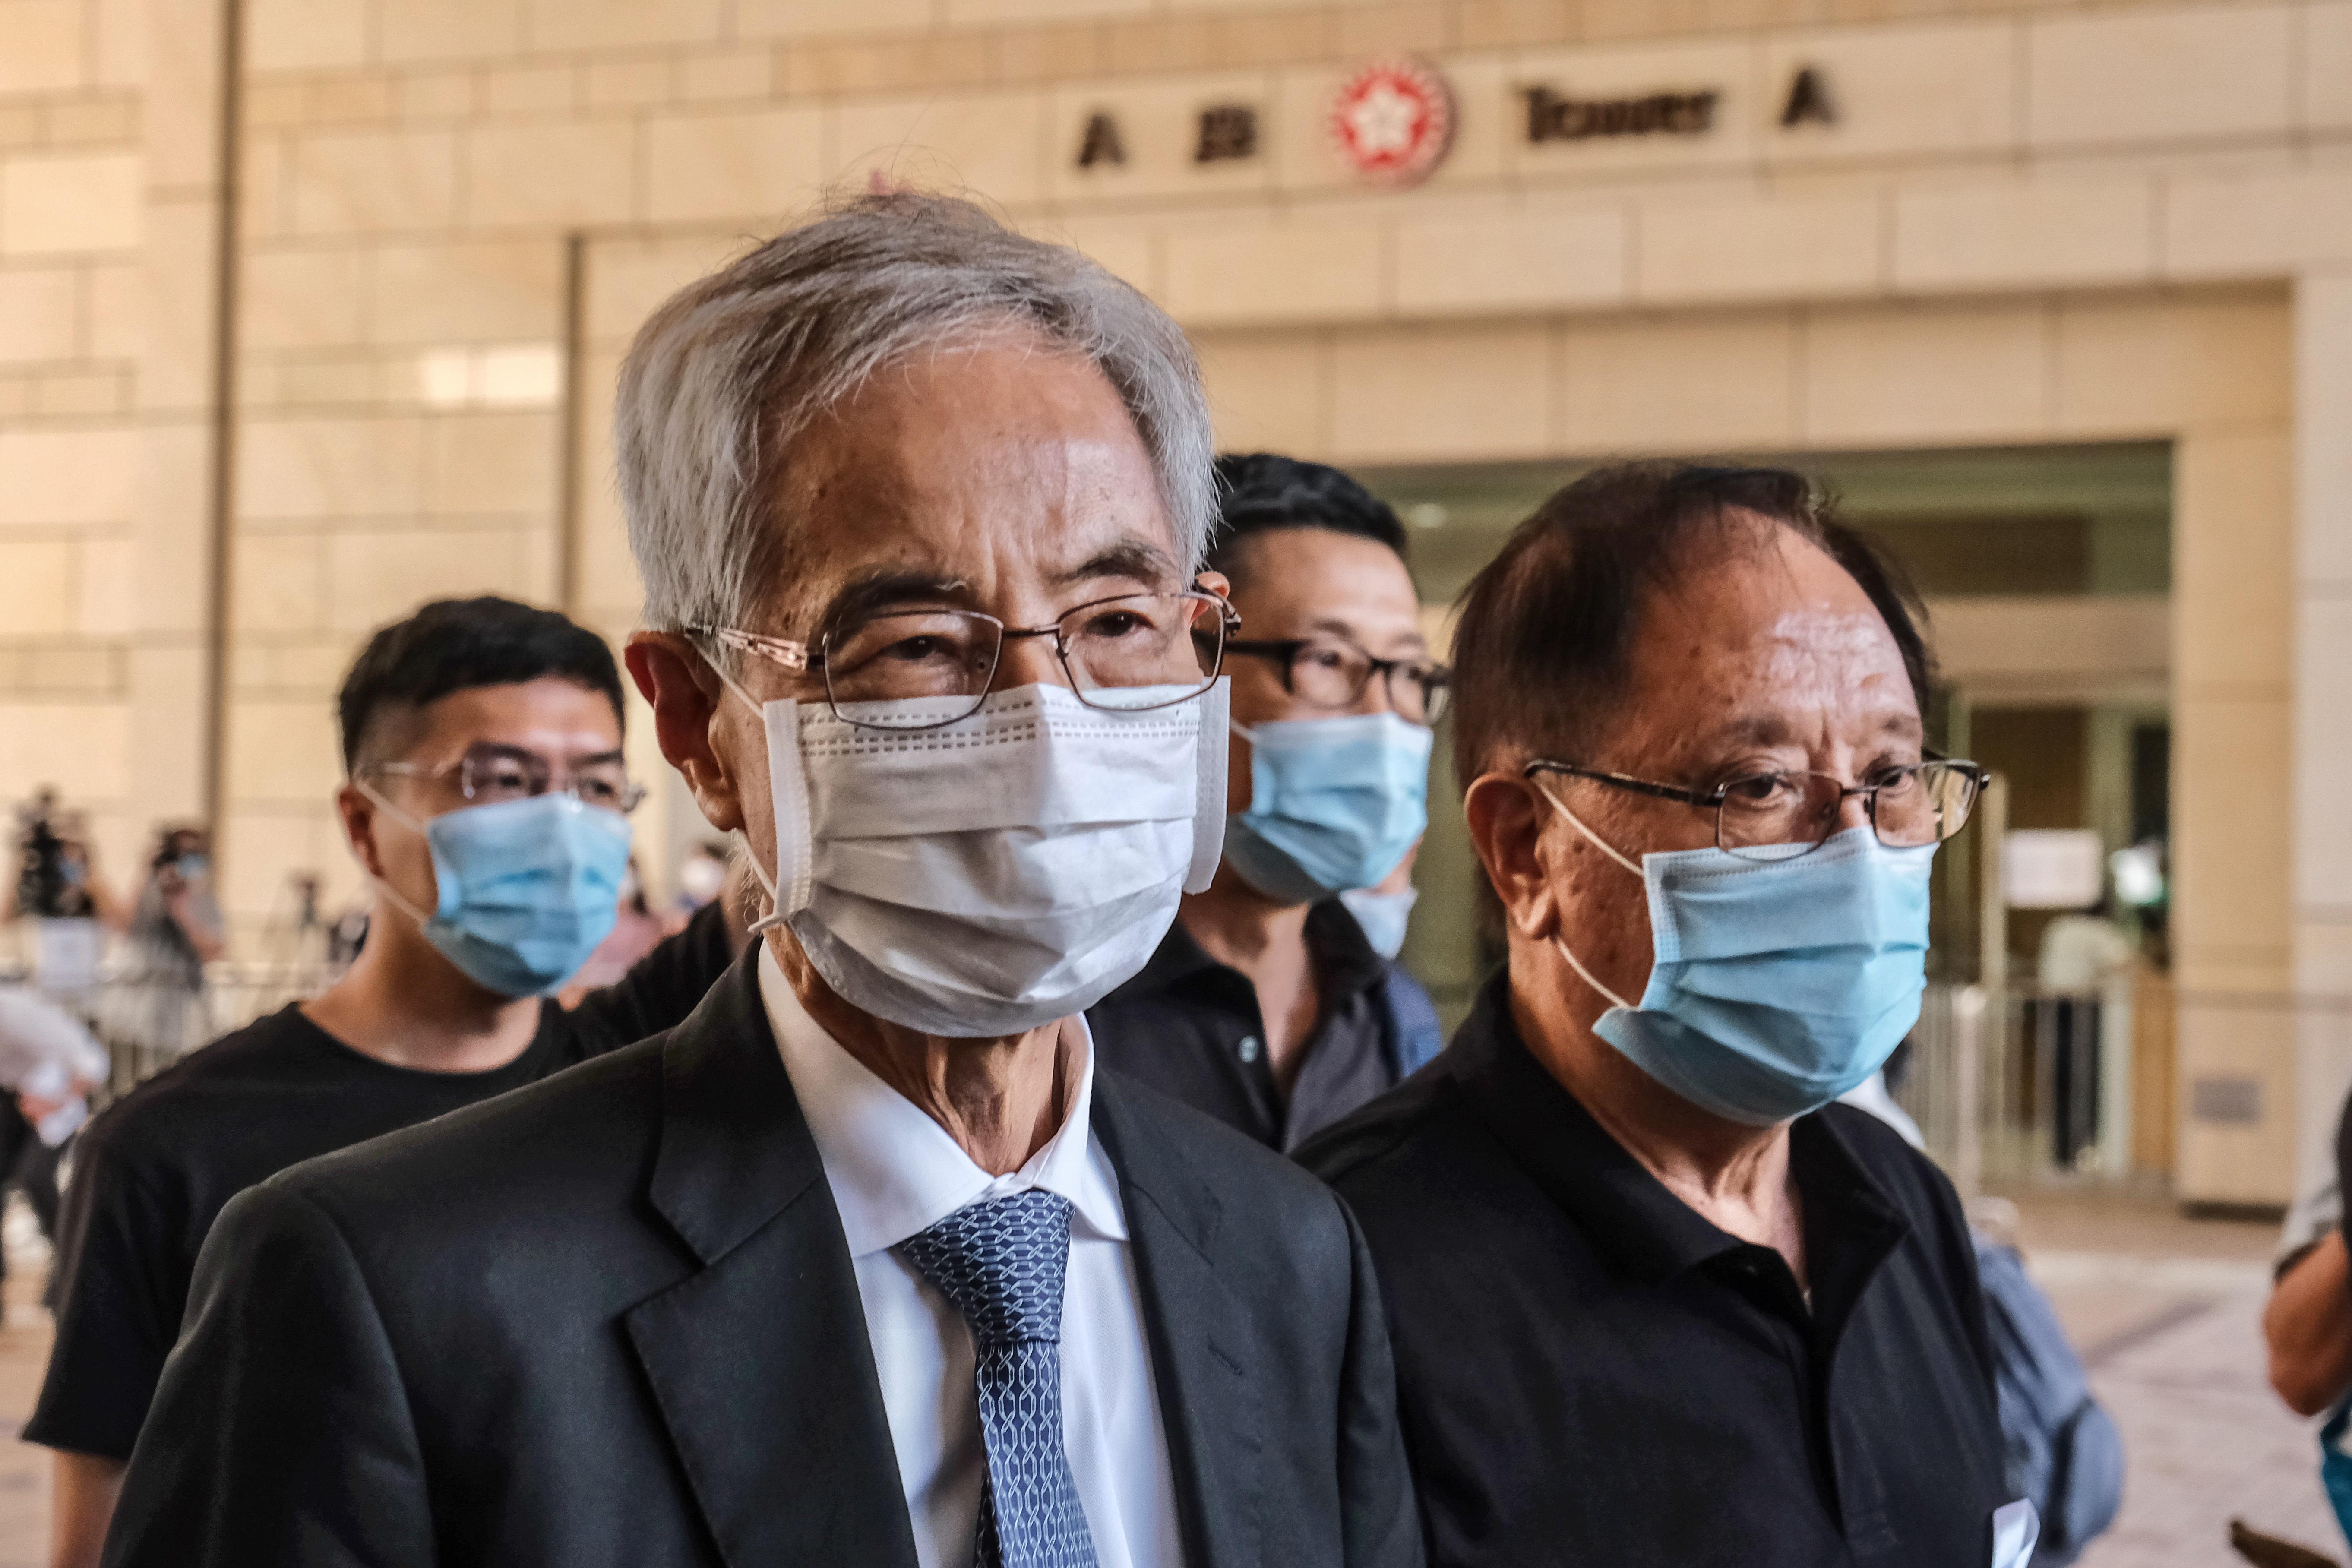 港從未行「三權分立」基本法體現行政主導 - 香港 - 香港文匯網